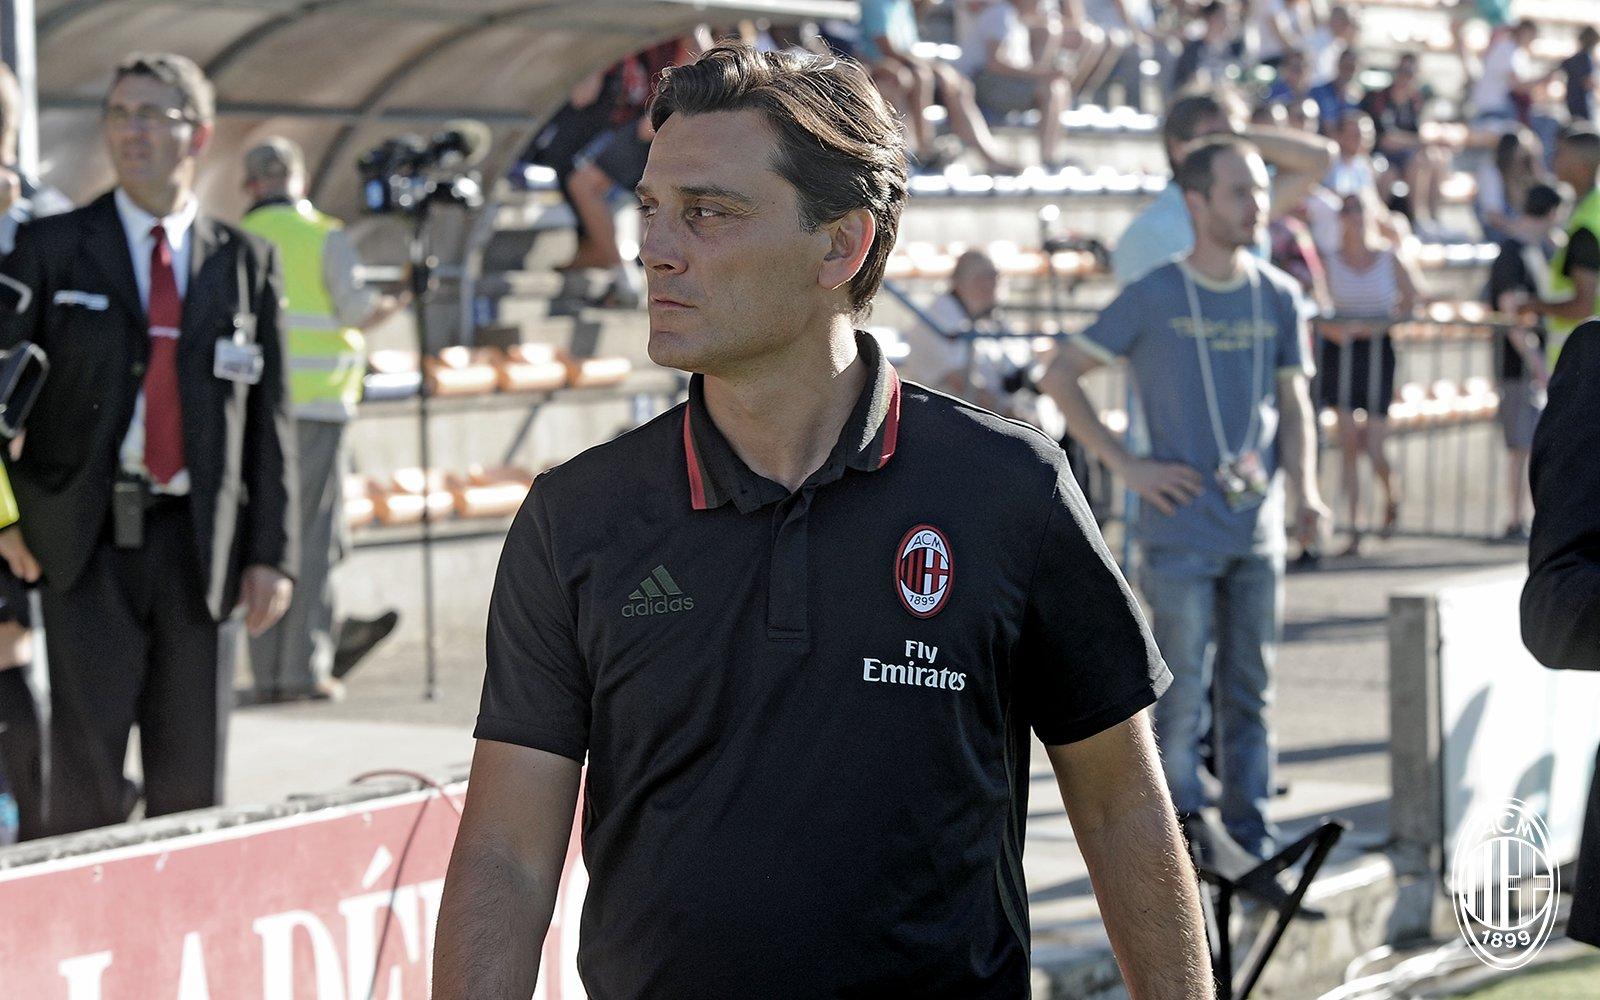 Vincenzo Montella durante un match amichevole. Fonte foto: A.C. Milan